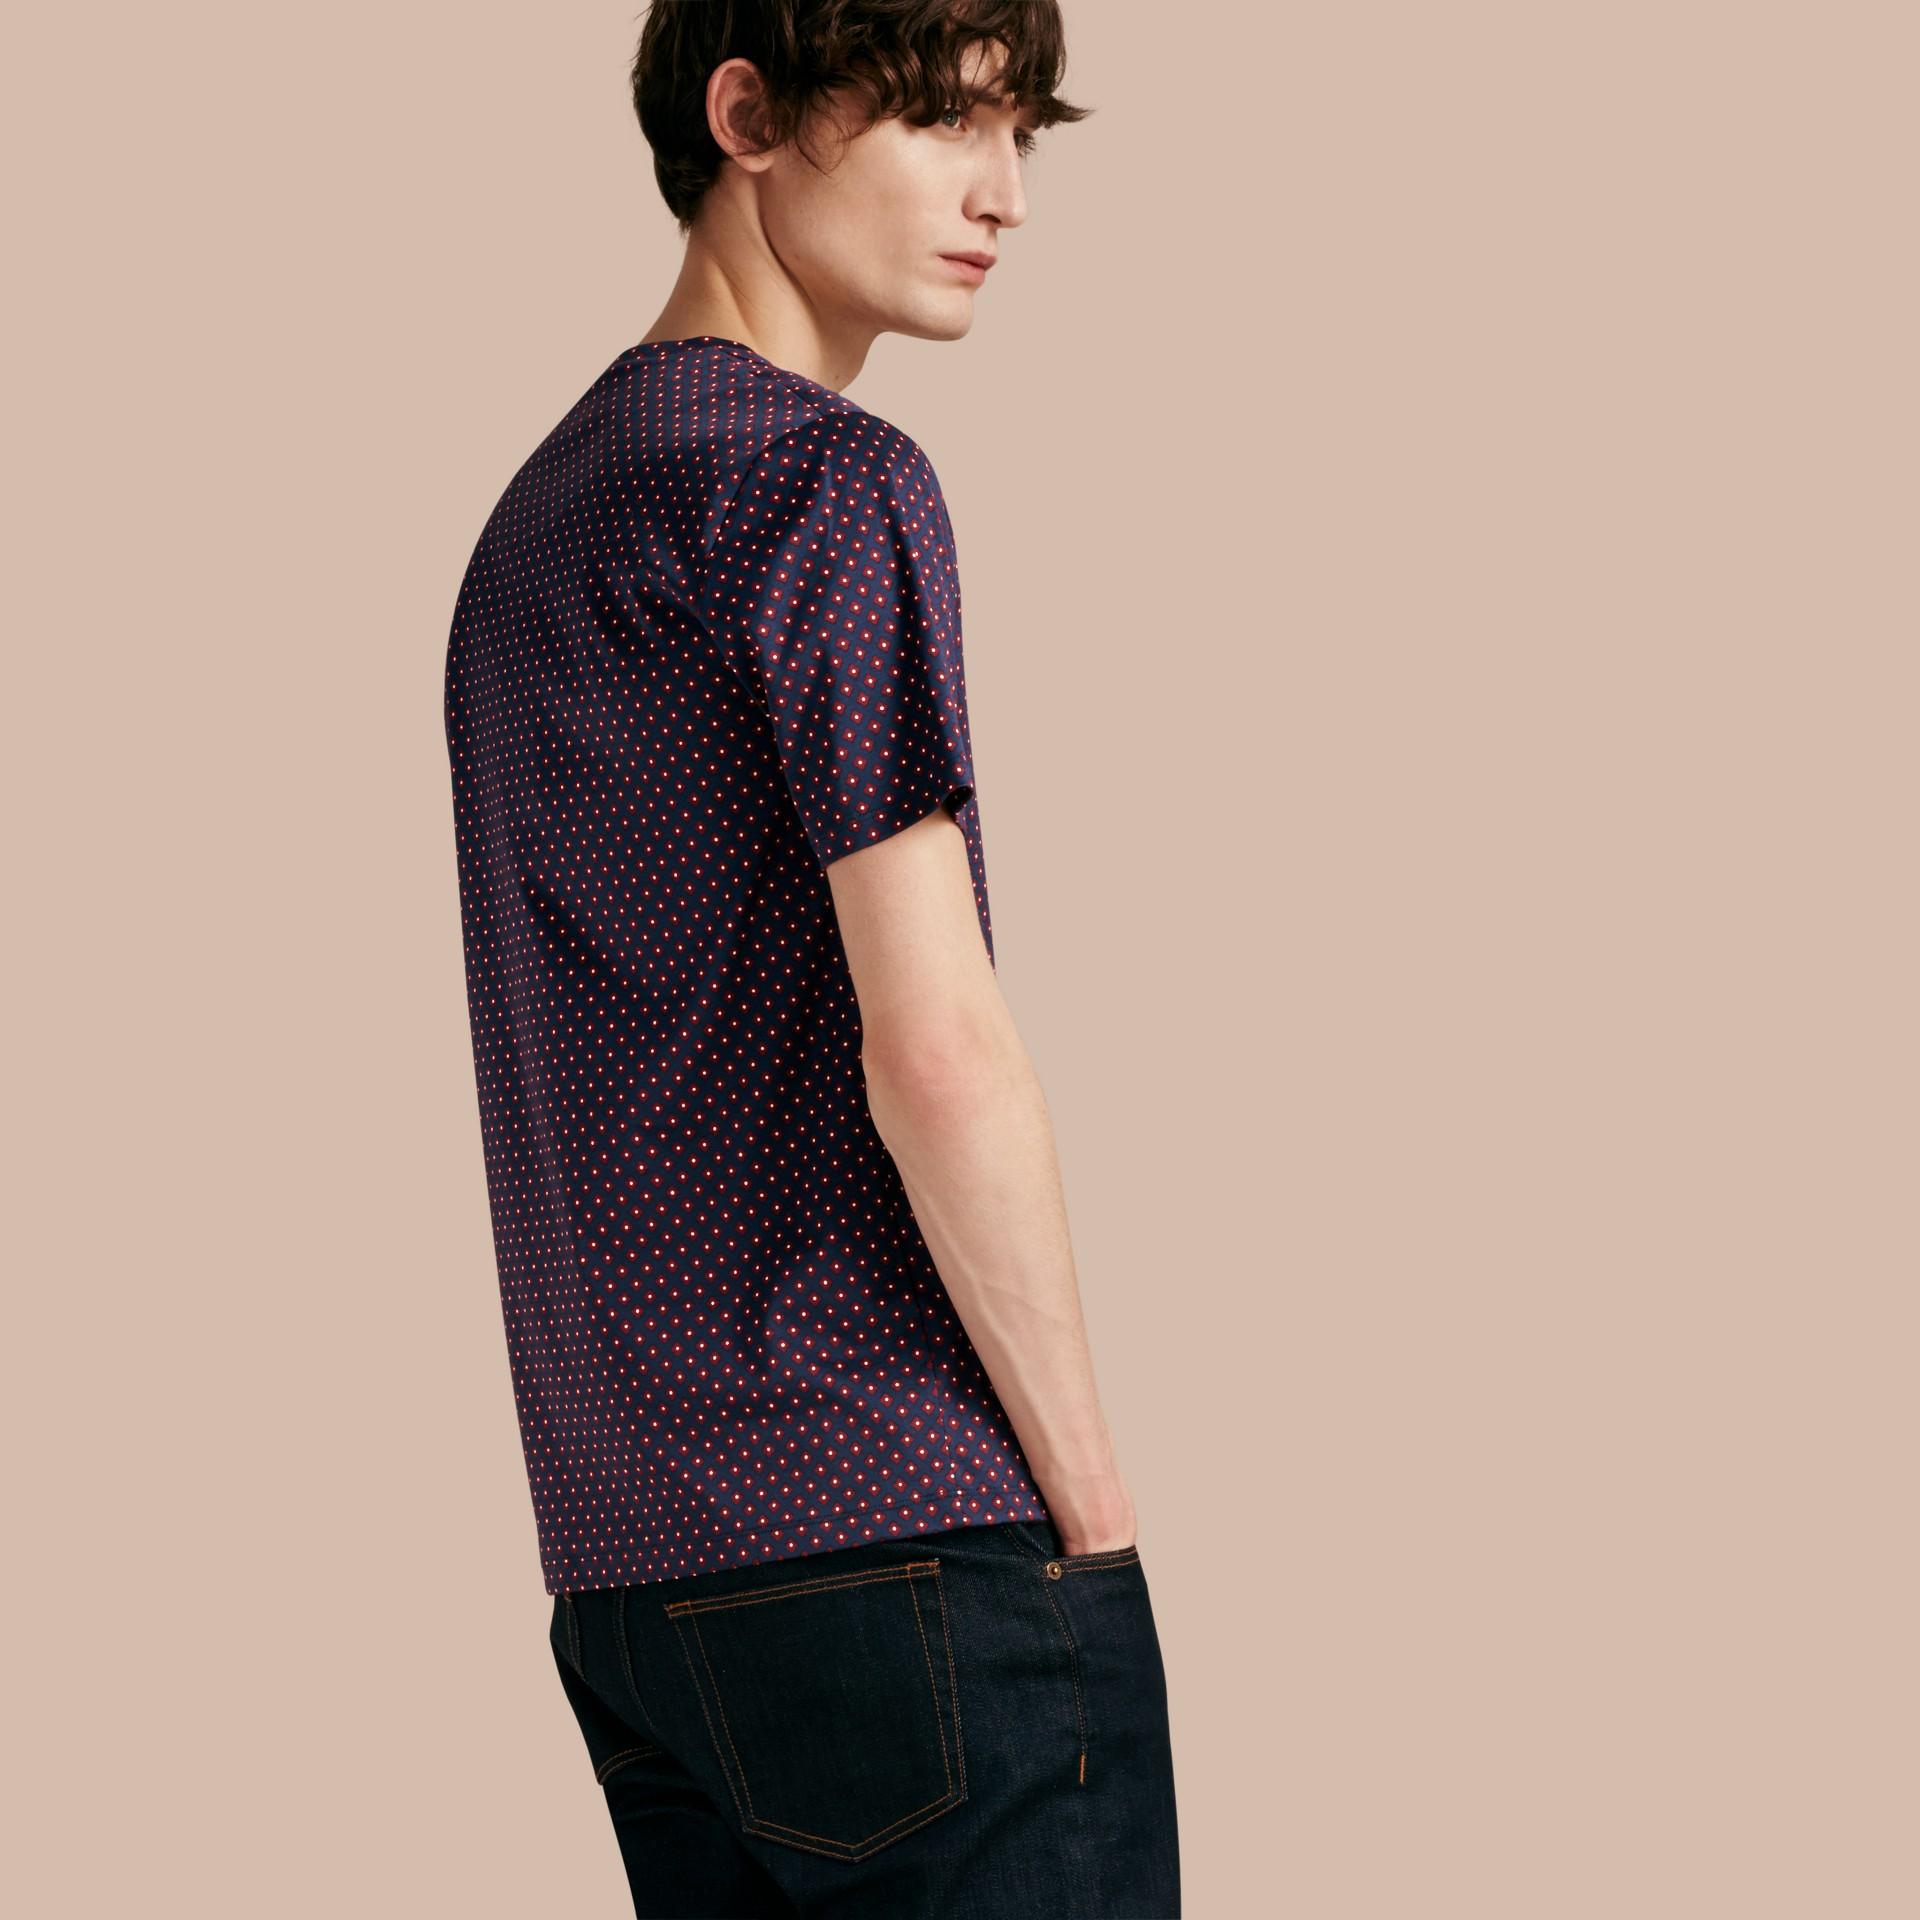 Helles marineblau Baumwoll-T-Shirt mit geometrischem Druckmotiv - Galerie-Bild 1